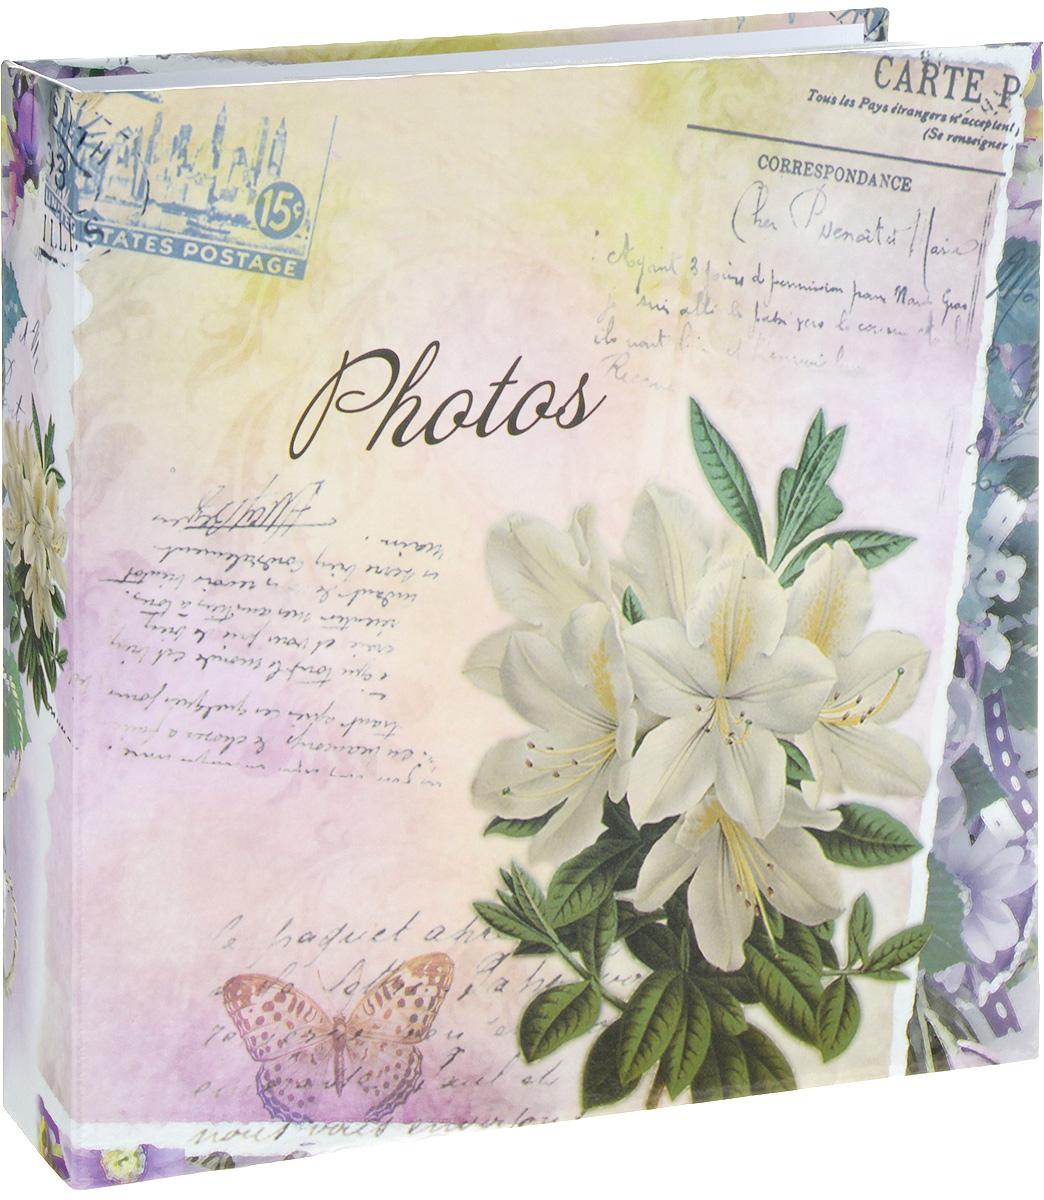 Фотоальбом Platinum Цветочная коллекция - 6, 200 фотографий, цвет: розовый, белый, зеленый, 10 х 15 см22317_белая альстромерия, С-46200LФотоальбом Platinum Цветочная коллекция - 6 поможет красиво оформить ваши фотографии. Обложка выполнена из толстого картона и декорирована красочным рисунком. Внутри содержится блок из 50 листов с фиксаторами-окошками из полипропилена. Альбом рассчитан на 200 фотографий формата 10 х 15 см (по 2 фотографии на странице). Переплет - книжный. Нам всегда так приятно вспоминать о самых счастливых моментах жизни, запечатленных на фотографиях. Поэтому фотоальбом является универсальным подарком к любому празднику.Количество листов: 50.